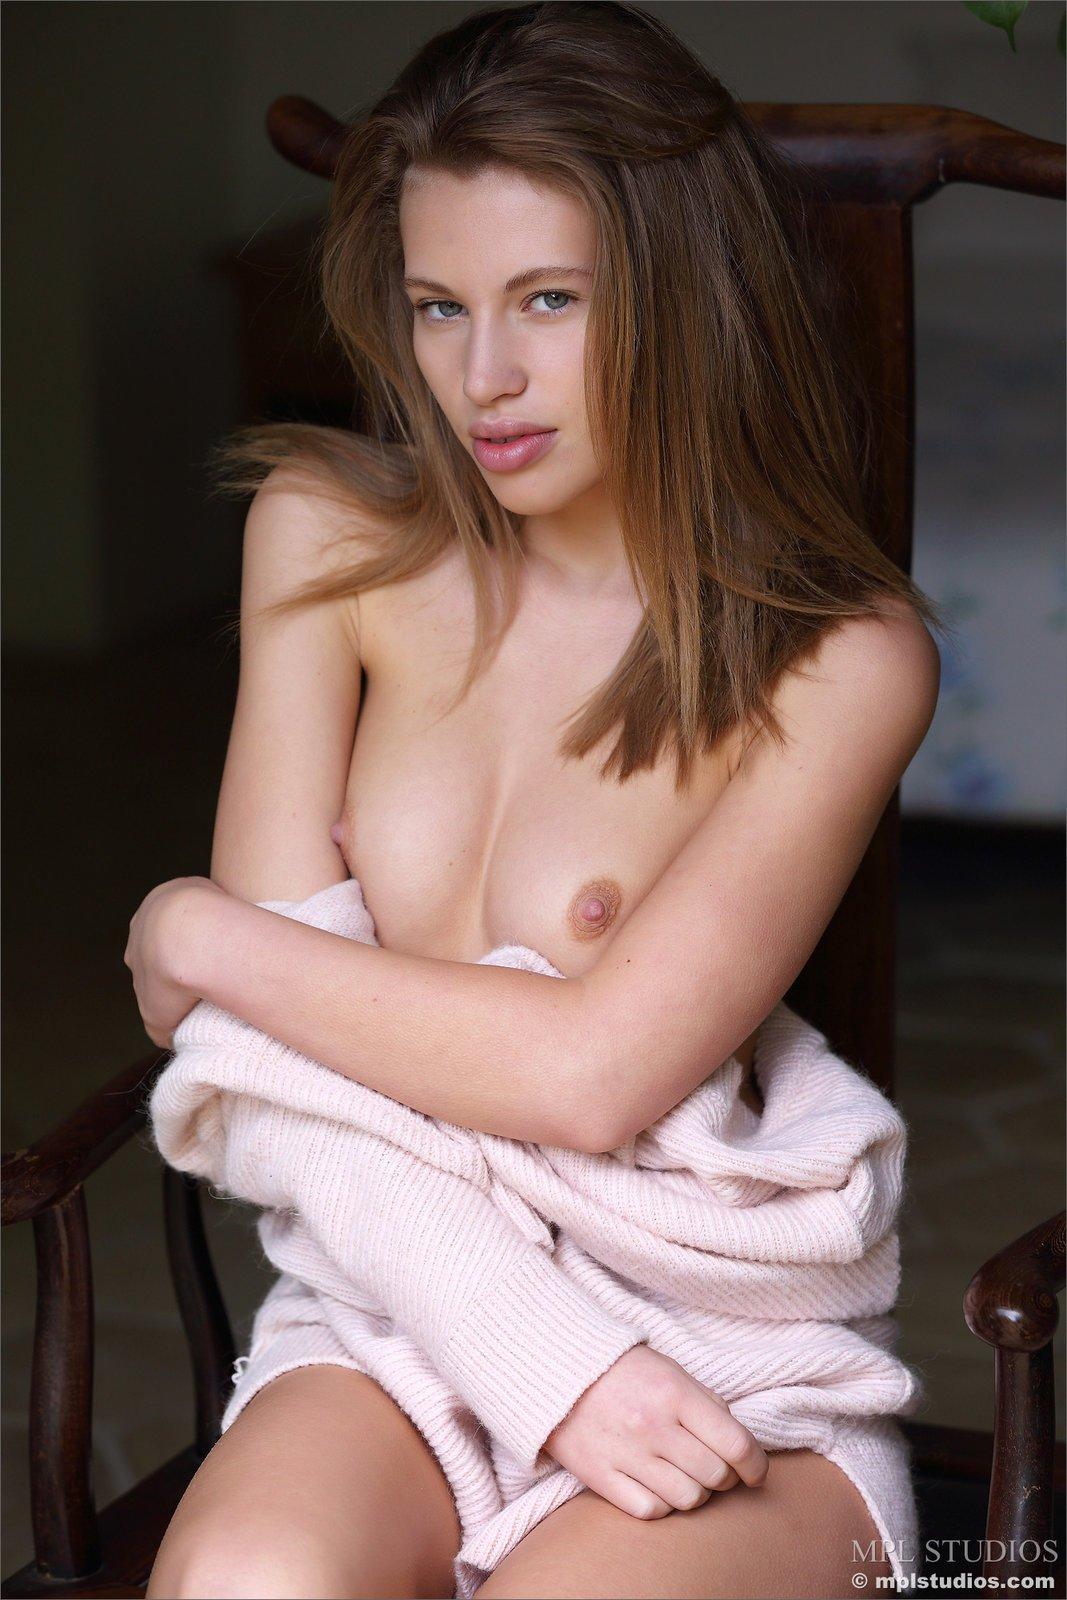 Девка пухлыми губками позирует голая на стульчике